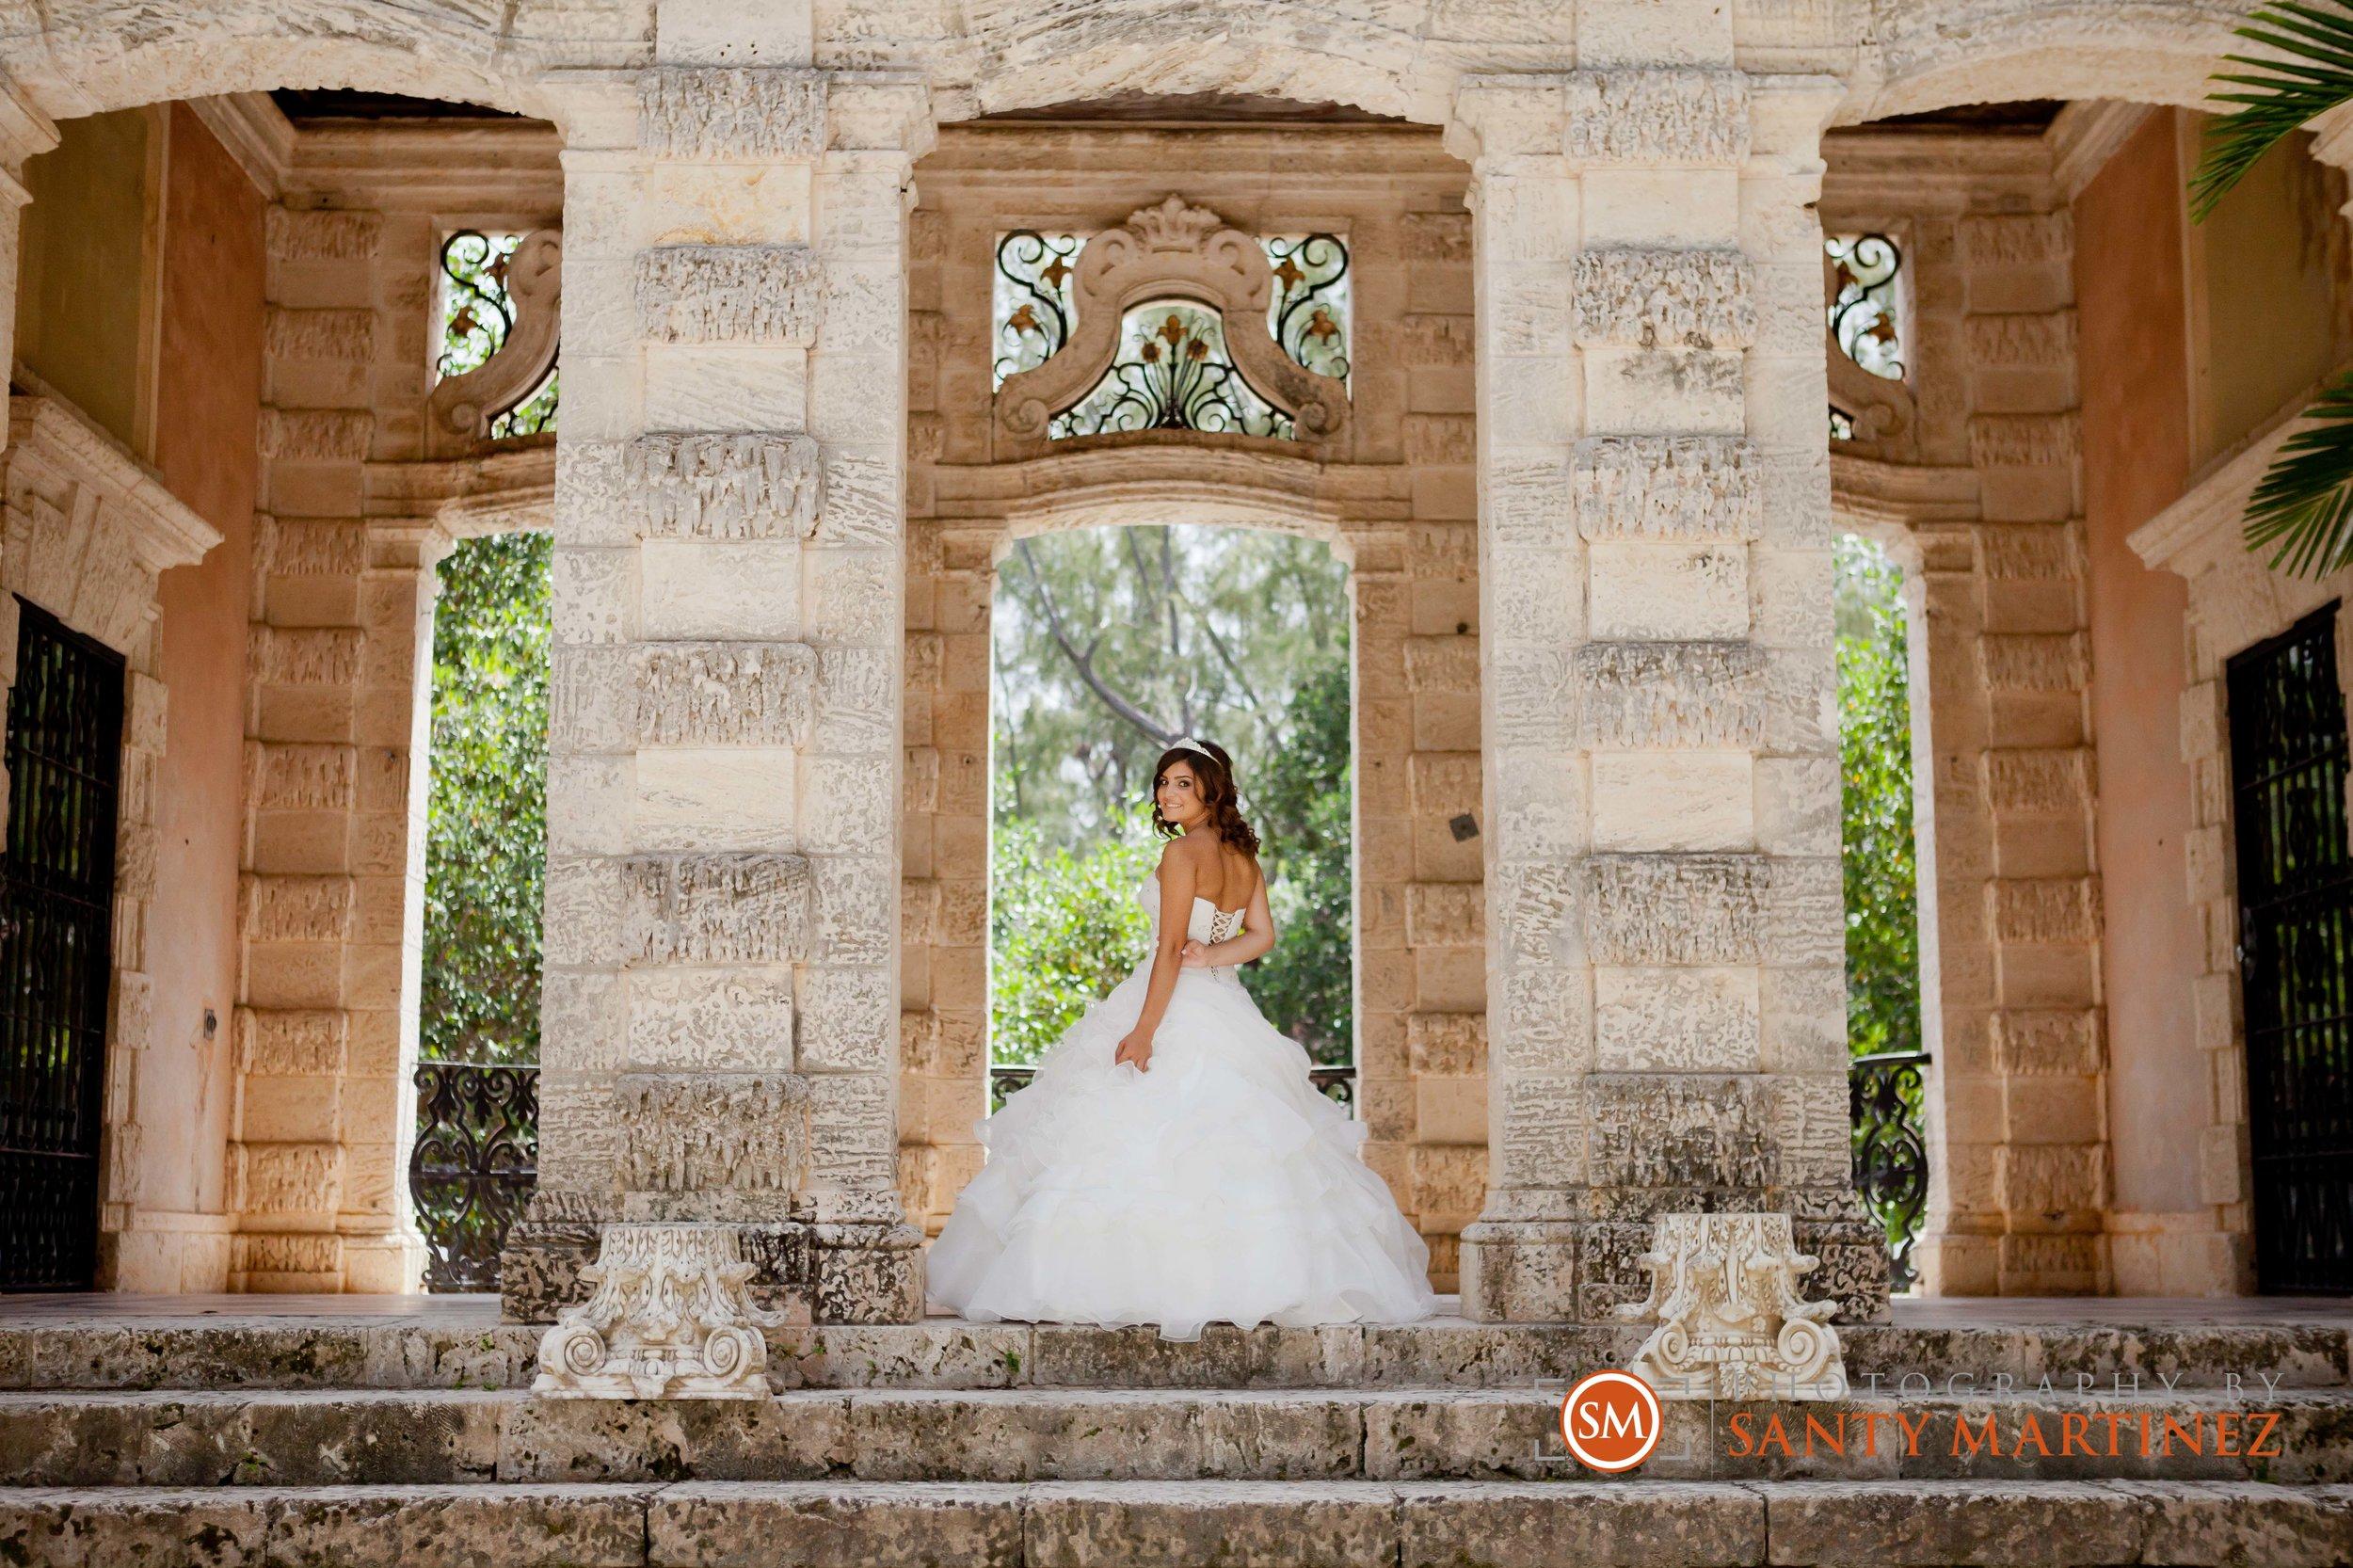 Miami Quinces Photographers - Santy Martinez -3.jpg